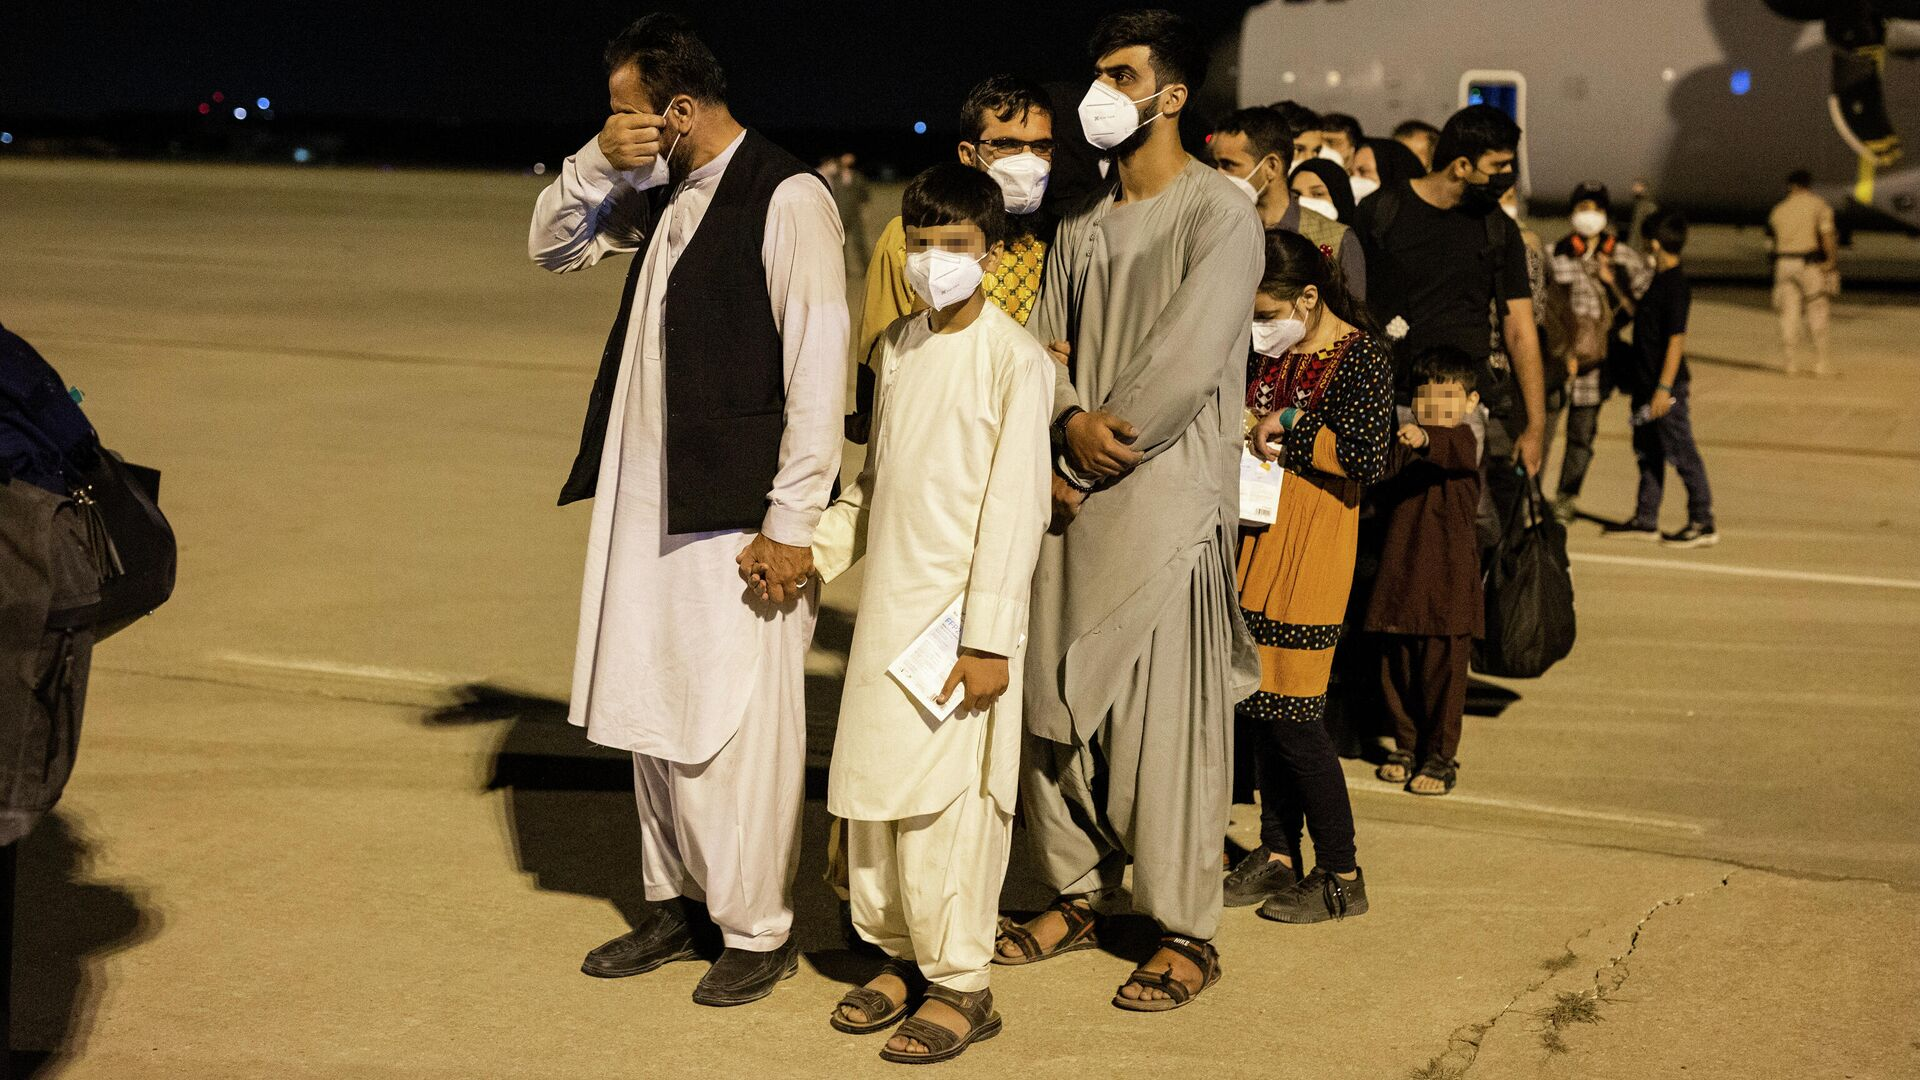 Las personas evacuadas de Kabul aterrizan en Torrejón de Ardoz, Madrid - Sputnik Mundo, 1920, 19.08.2021